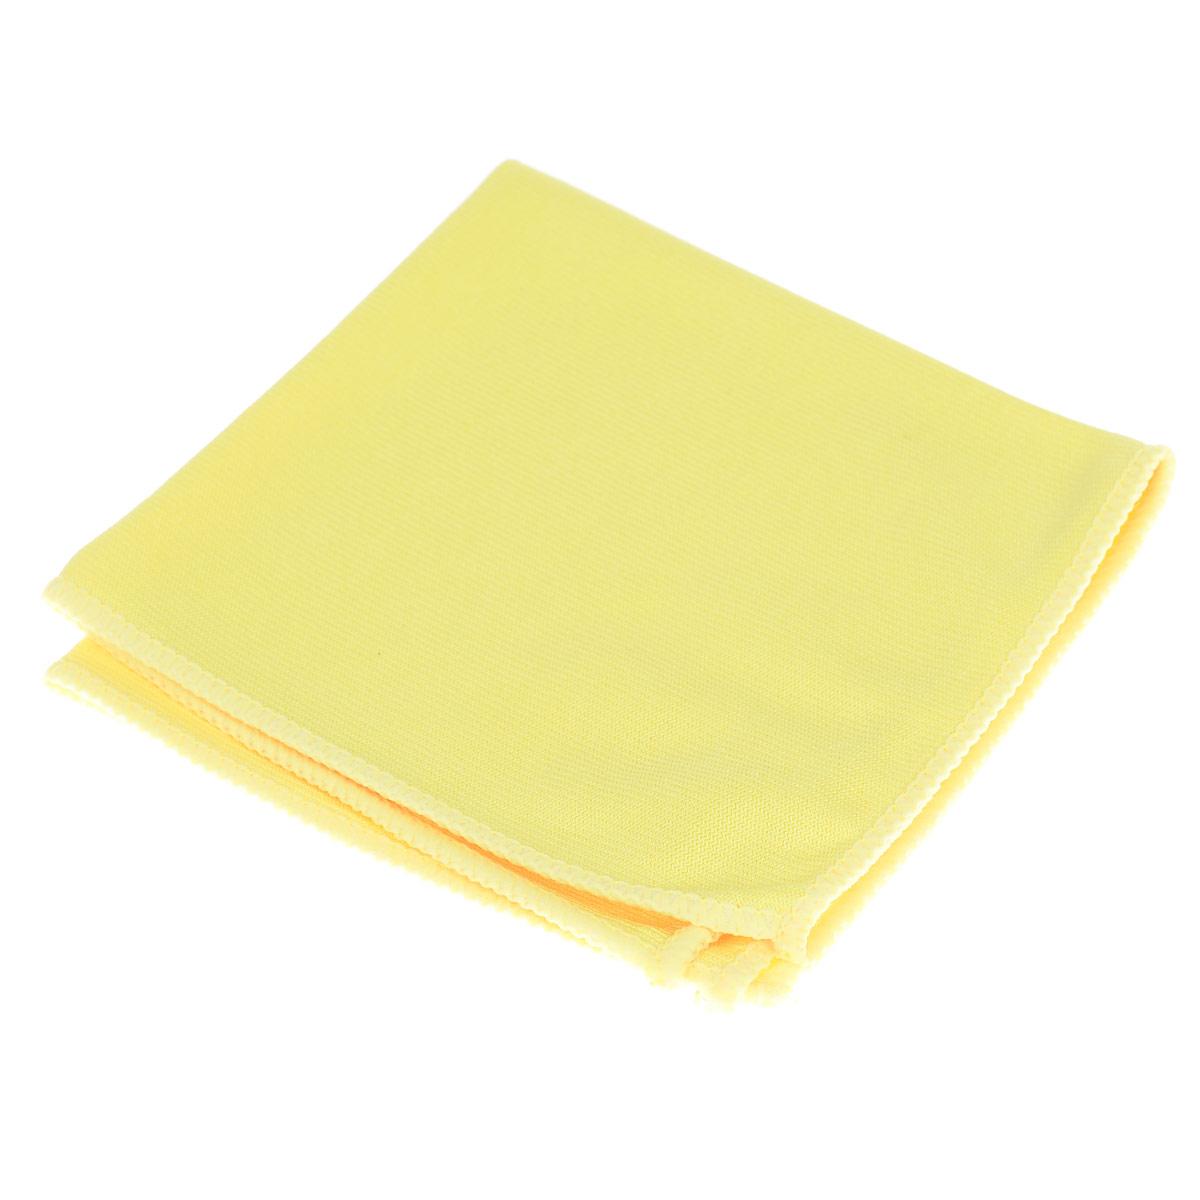 Салфетка для стекол и зеркал Celesta, из микрофибры, цвет: желтый, 30 х 30 см11623_желтый, 4771Салфетка из микрофибры Celesta предназначена для мытья оконных стекол, зеркал и других стеклянных поверхностей. Благодаря специальной структуре волокон справляется с сильными загрязнениями без использования моющих средств. Хорошо полирует поверхность.Выдерживает до 200-300 стирок. Состав: полиэстер 80%, полиамид 20%.Размер салфетки: 30 х 30 см.